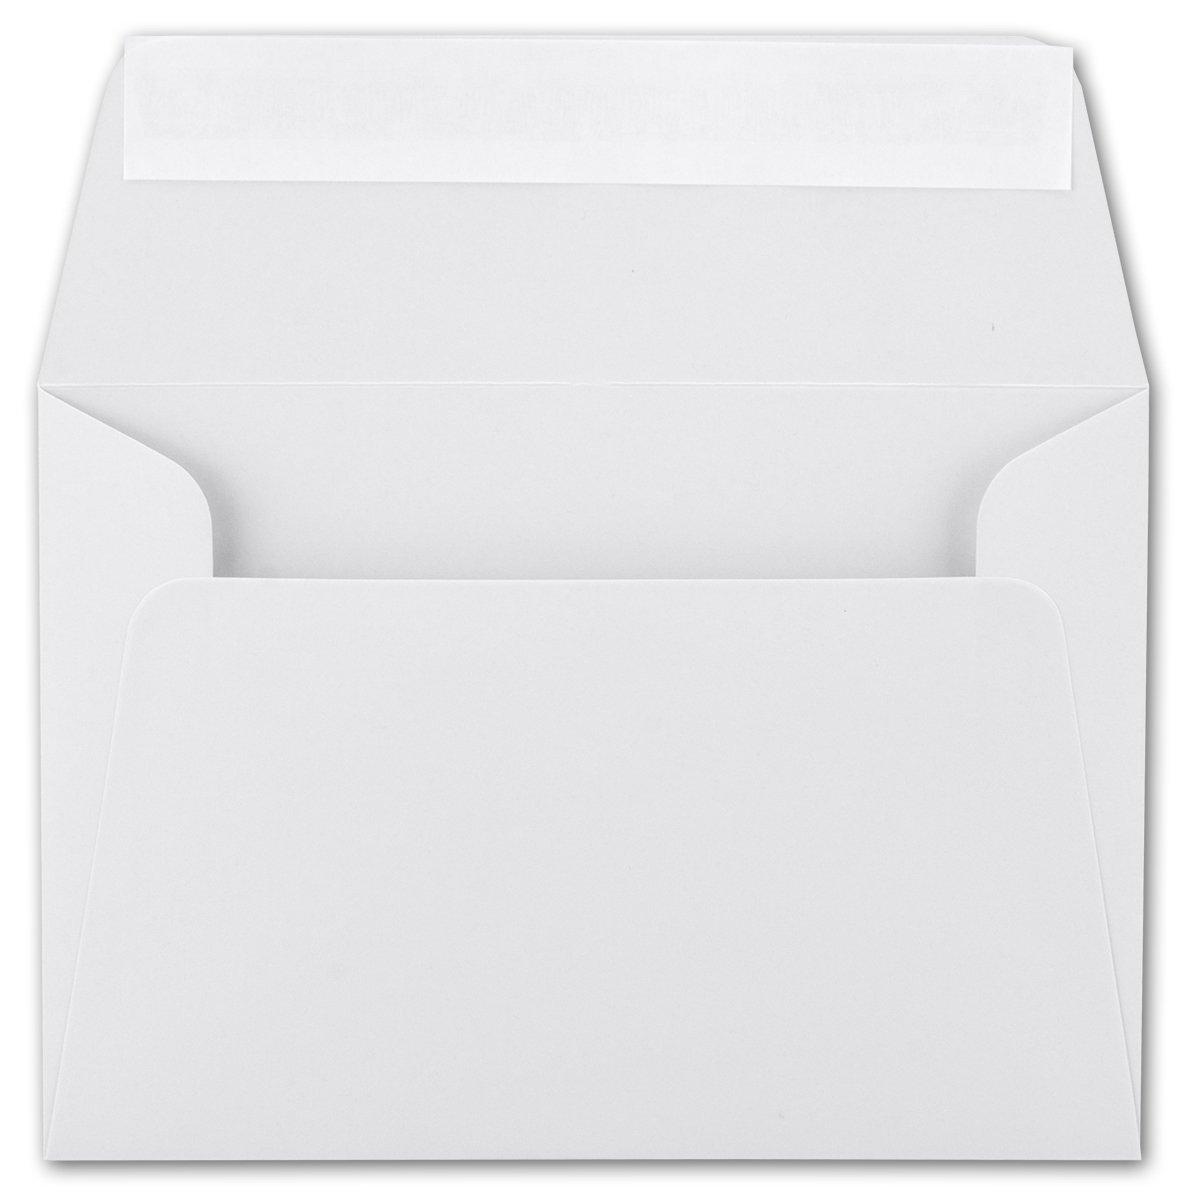 200x Brief-Umschläge B6 - Naturweiss - - - 12,5 x 17,5 cm - Haftklebung 120 g m² - breite edle Verschluss-Lasche - hochwertige Einladungs-Umschläge B078HLGGT8 | Preiszugeständnisse  ea76eb